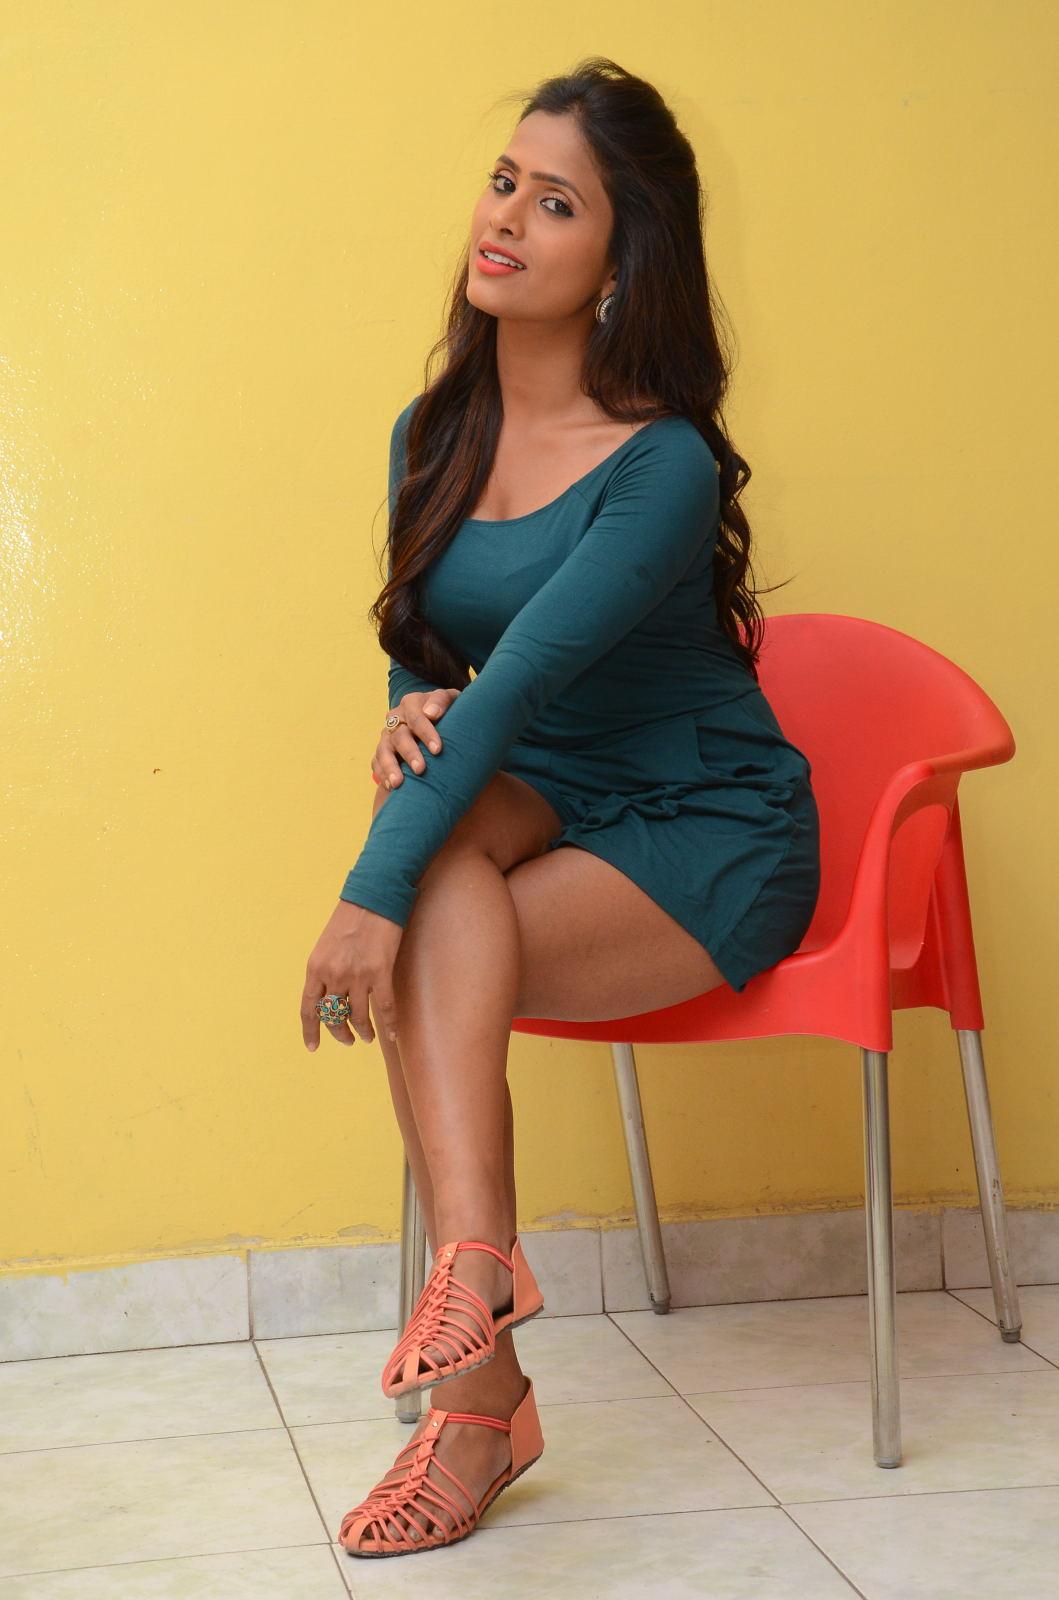 prashanthi Super Hot Prashanthi In Sexy Outfit | Indian Cinema | Models | Actresses Prashanthi Hot Photo Stills 130